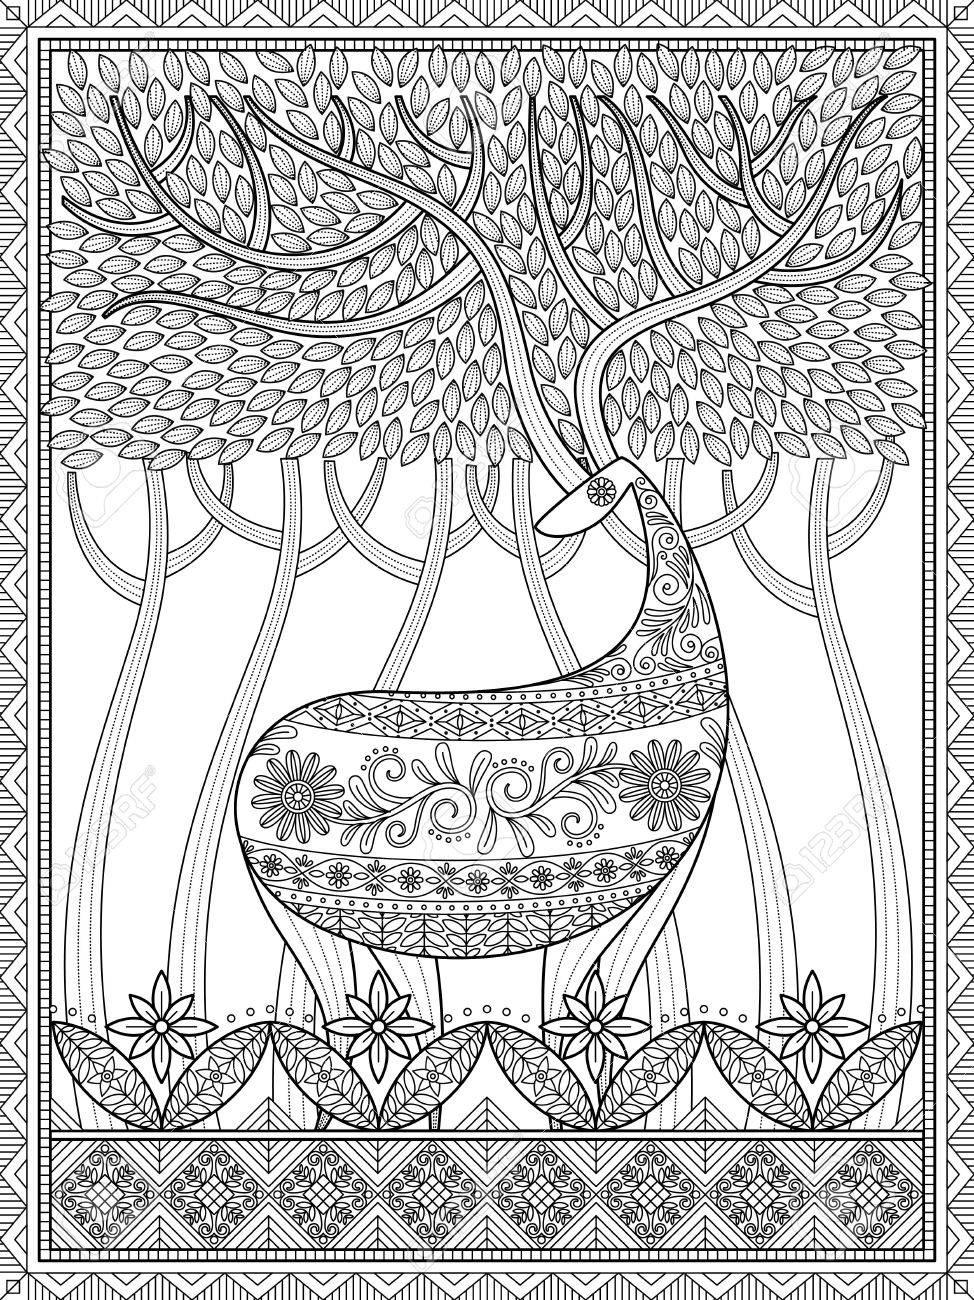 Coloriage Adulte Foret.Elegant Coloriage Adulte Cerfs Avec De Grands Bois En Bois Belle Et Mysterieuse Foret Le Stress Coloriage Soulagement Pour Vous